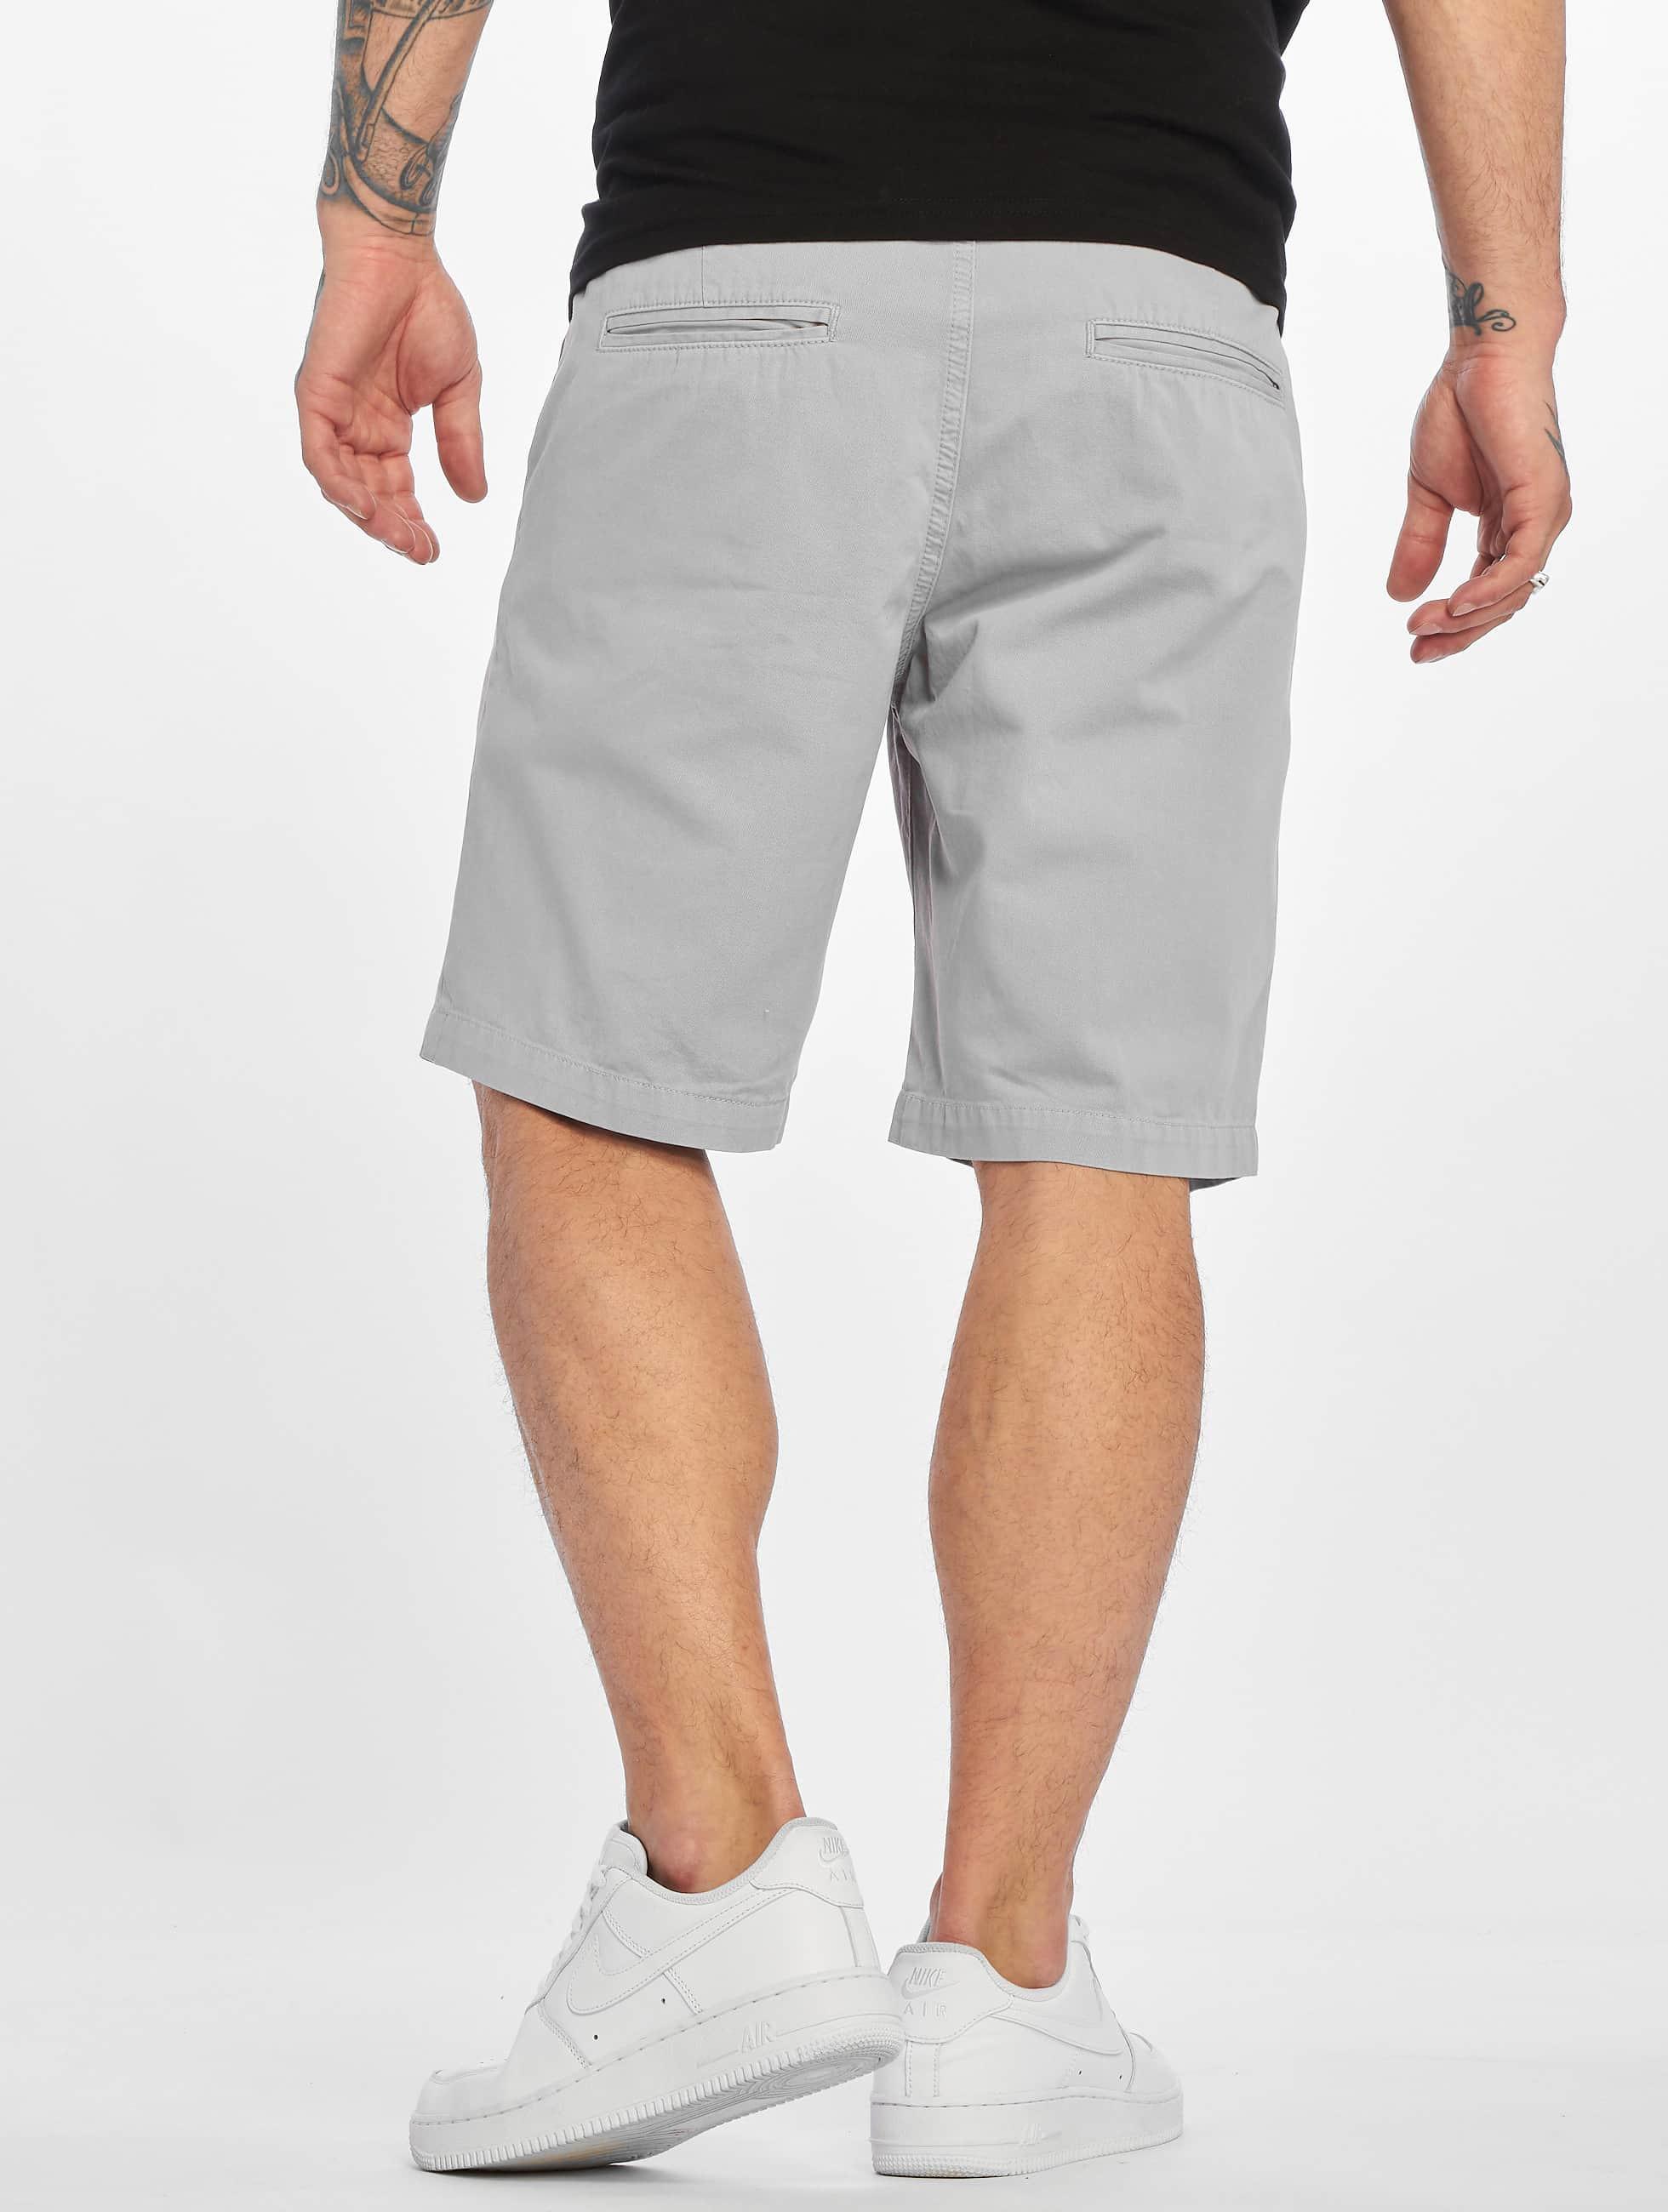 def bukser shorts avignon i gr 319202. Black Bedroom Furniture Sets. Home Design Ideas